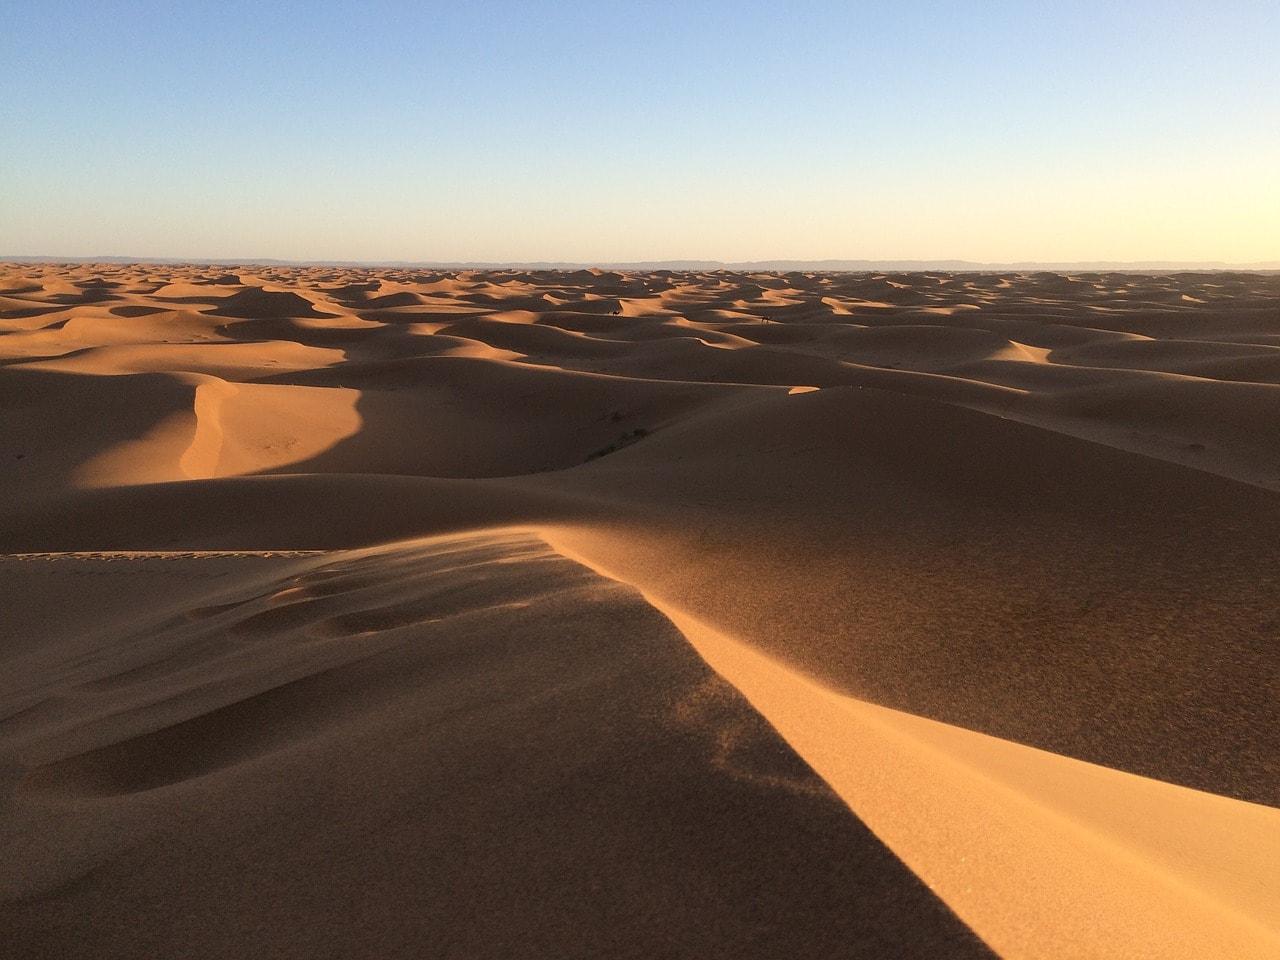 Wüste und Sand in Afrika.